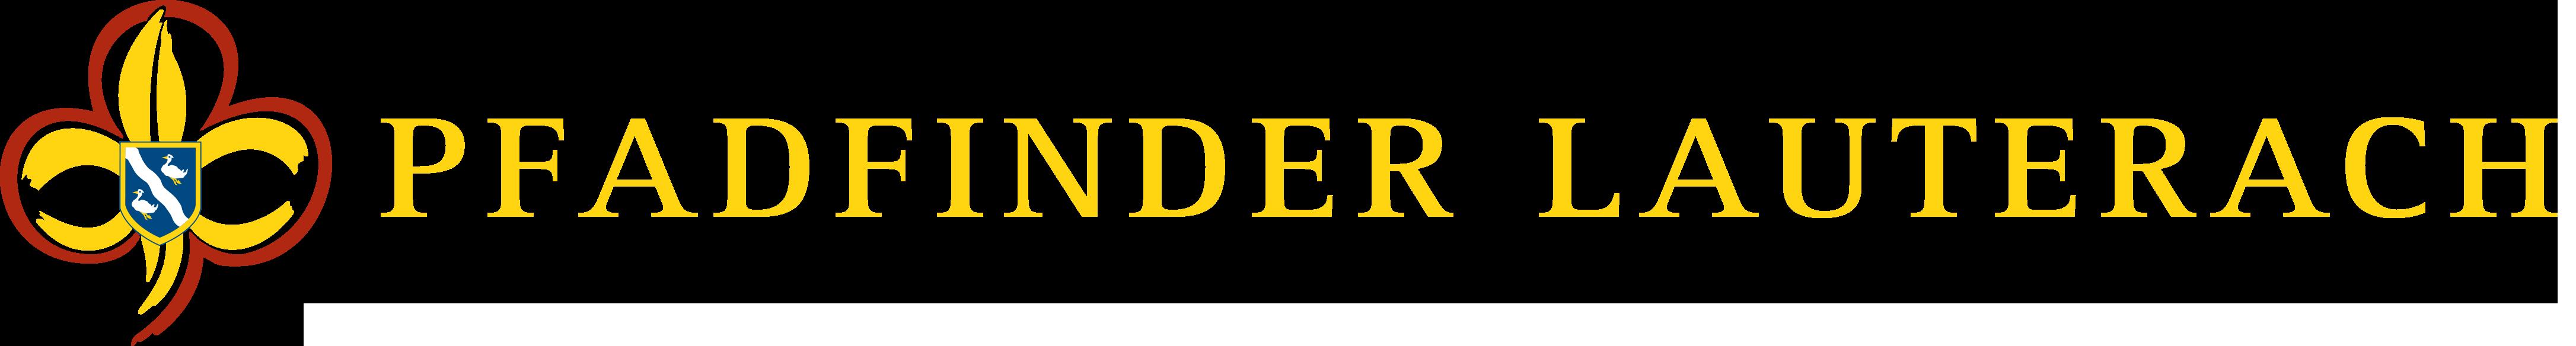 Pfadfinder Lauterach